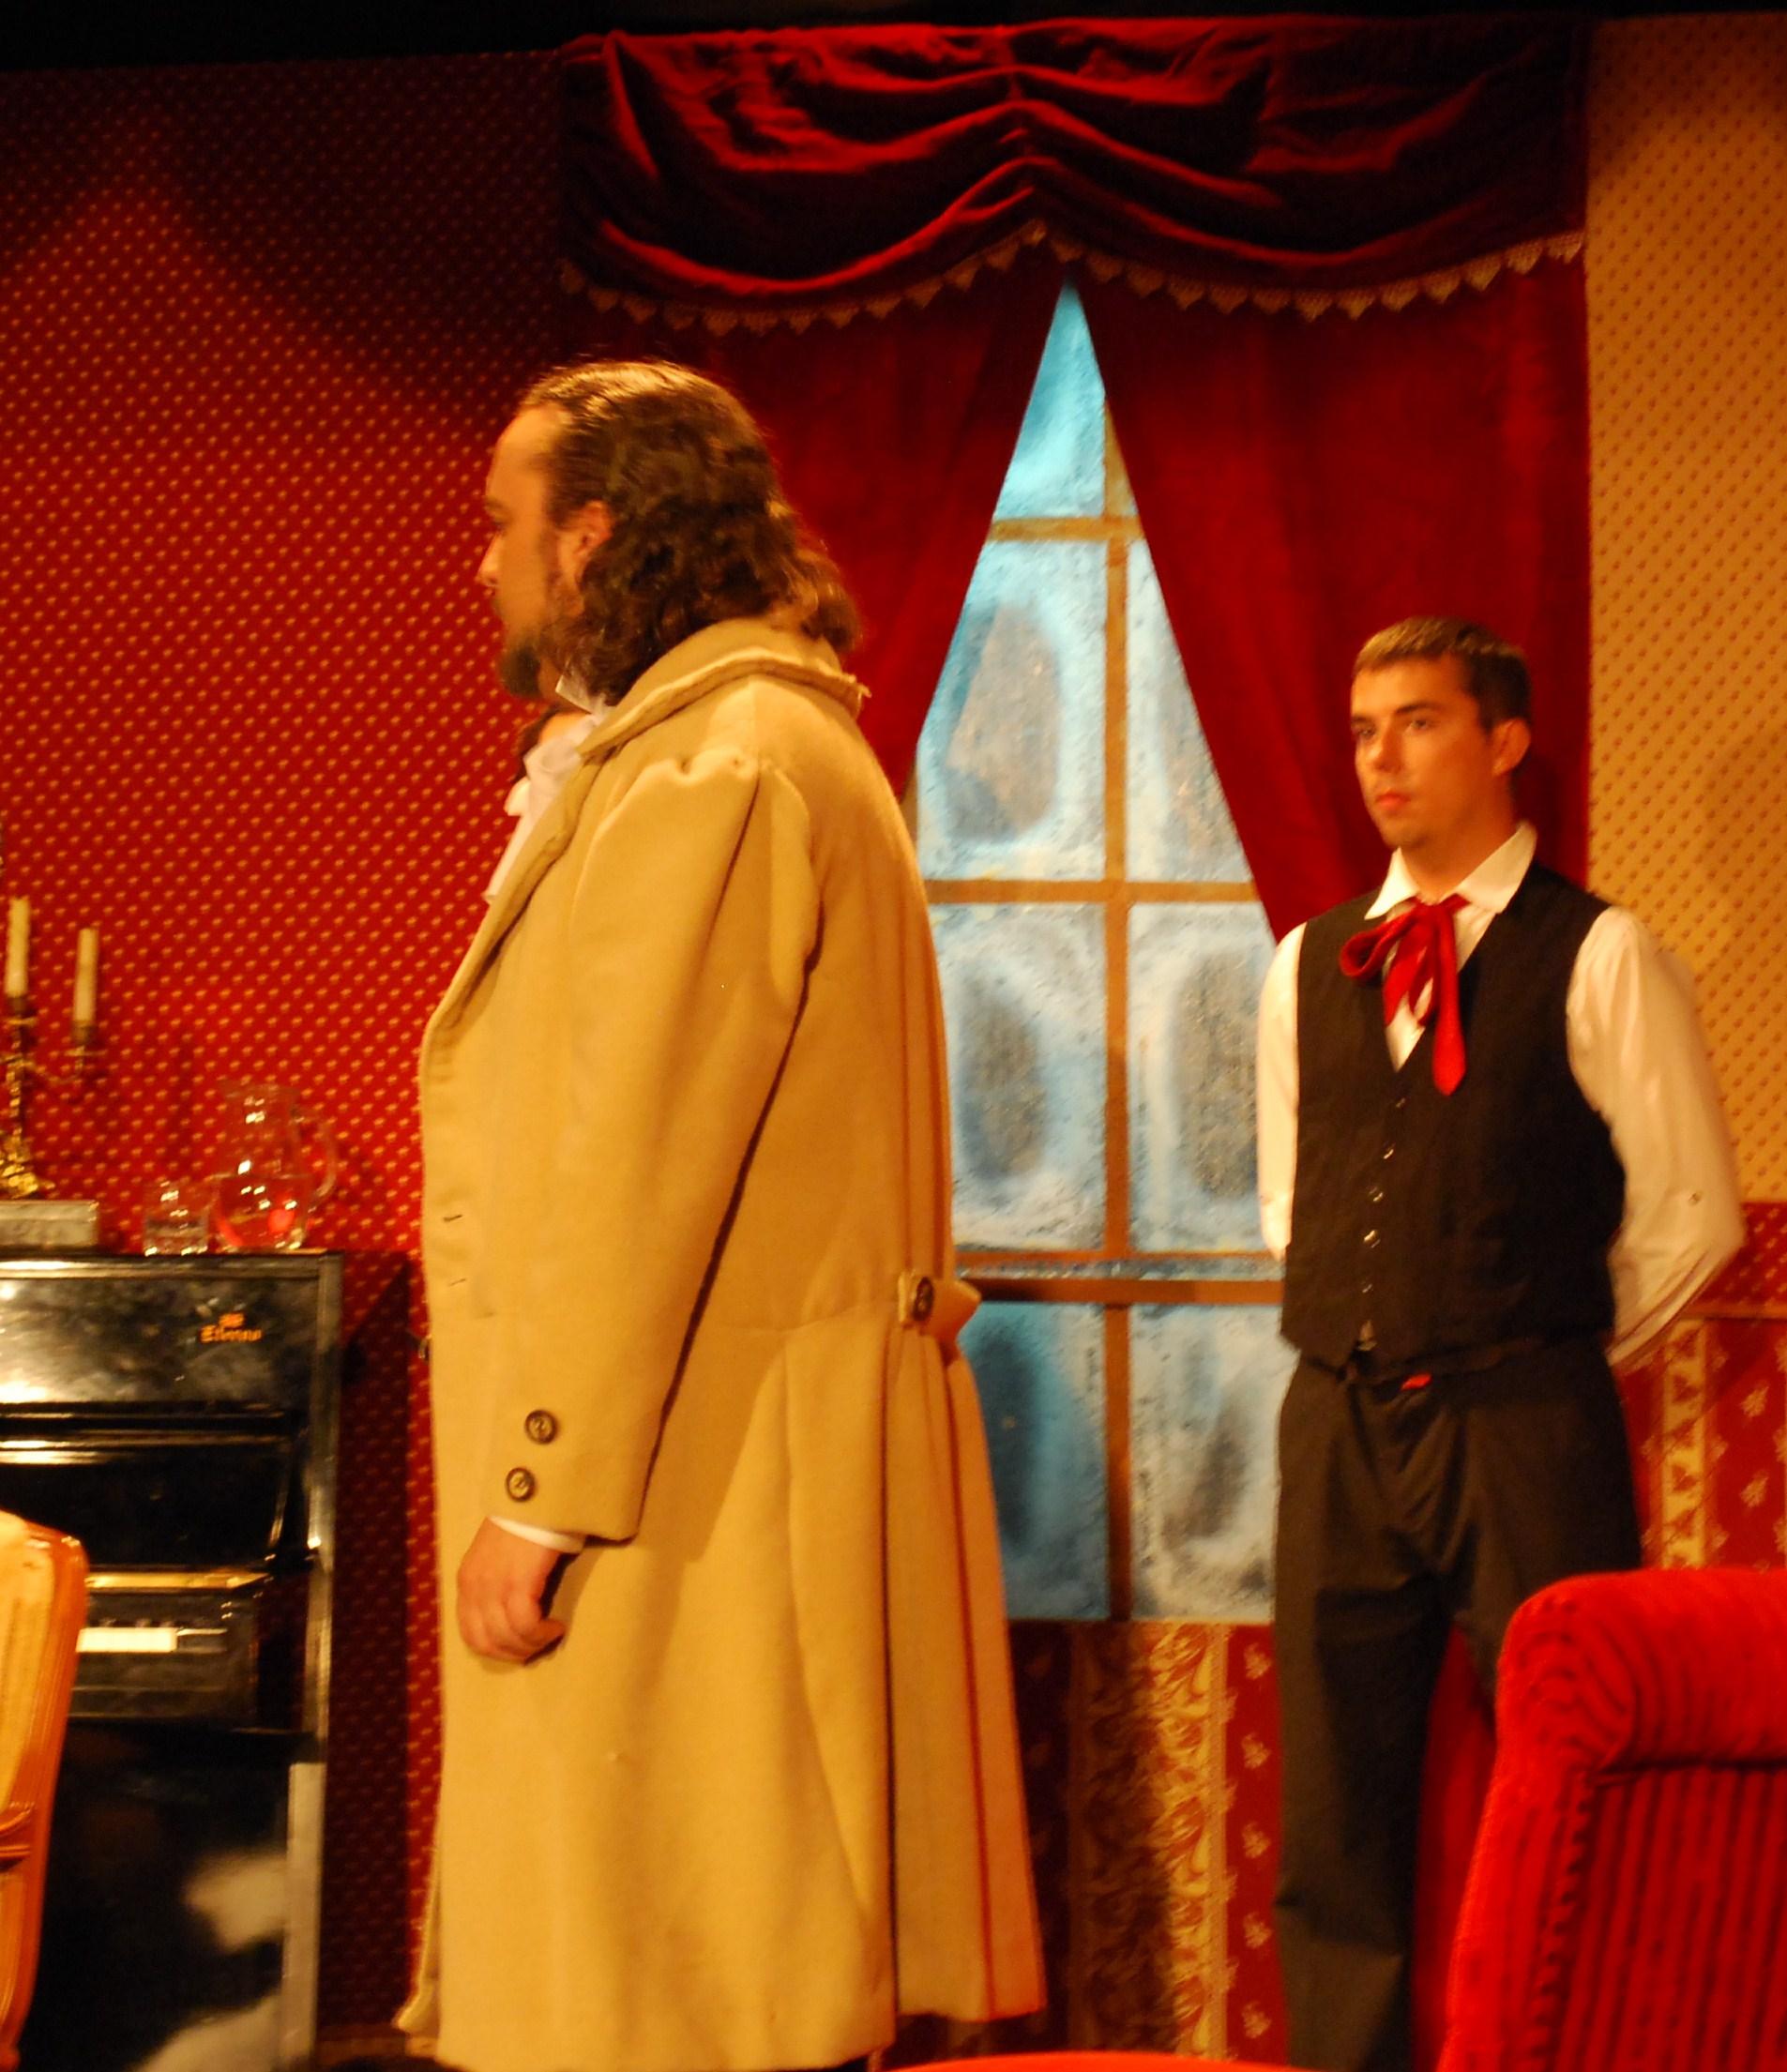 Armando Vidal (Ángel Cercós) habla con Margarita en presencia de un criado